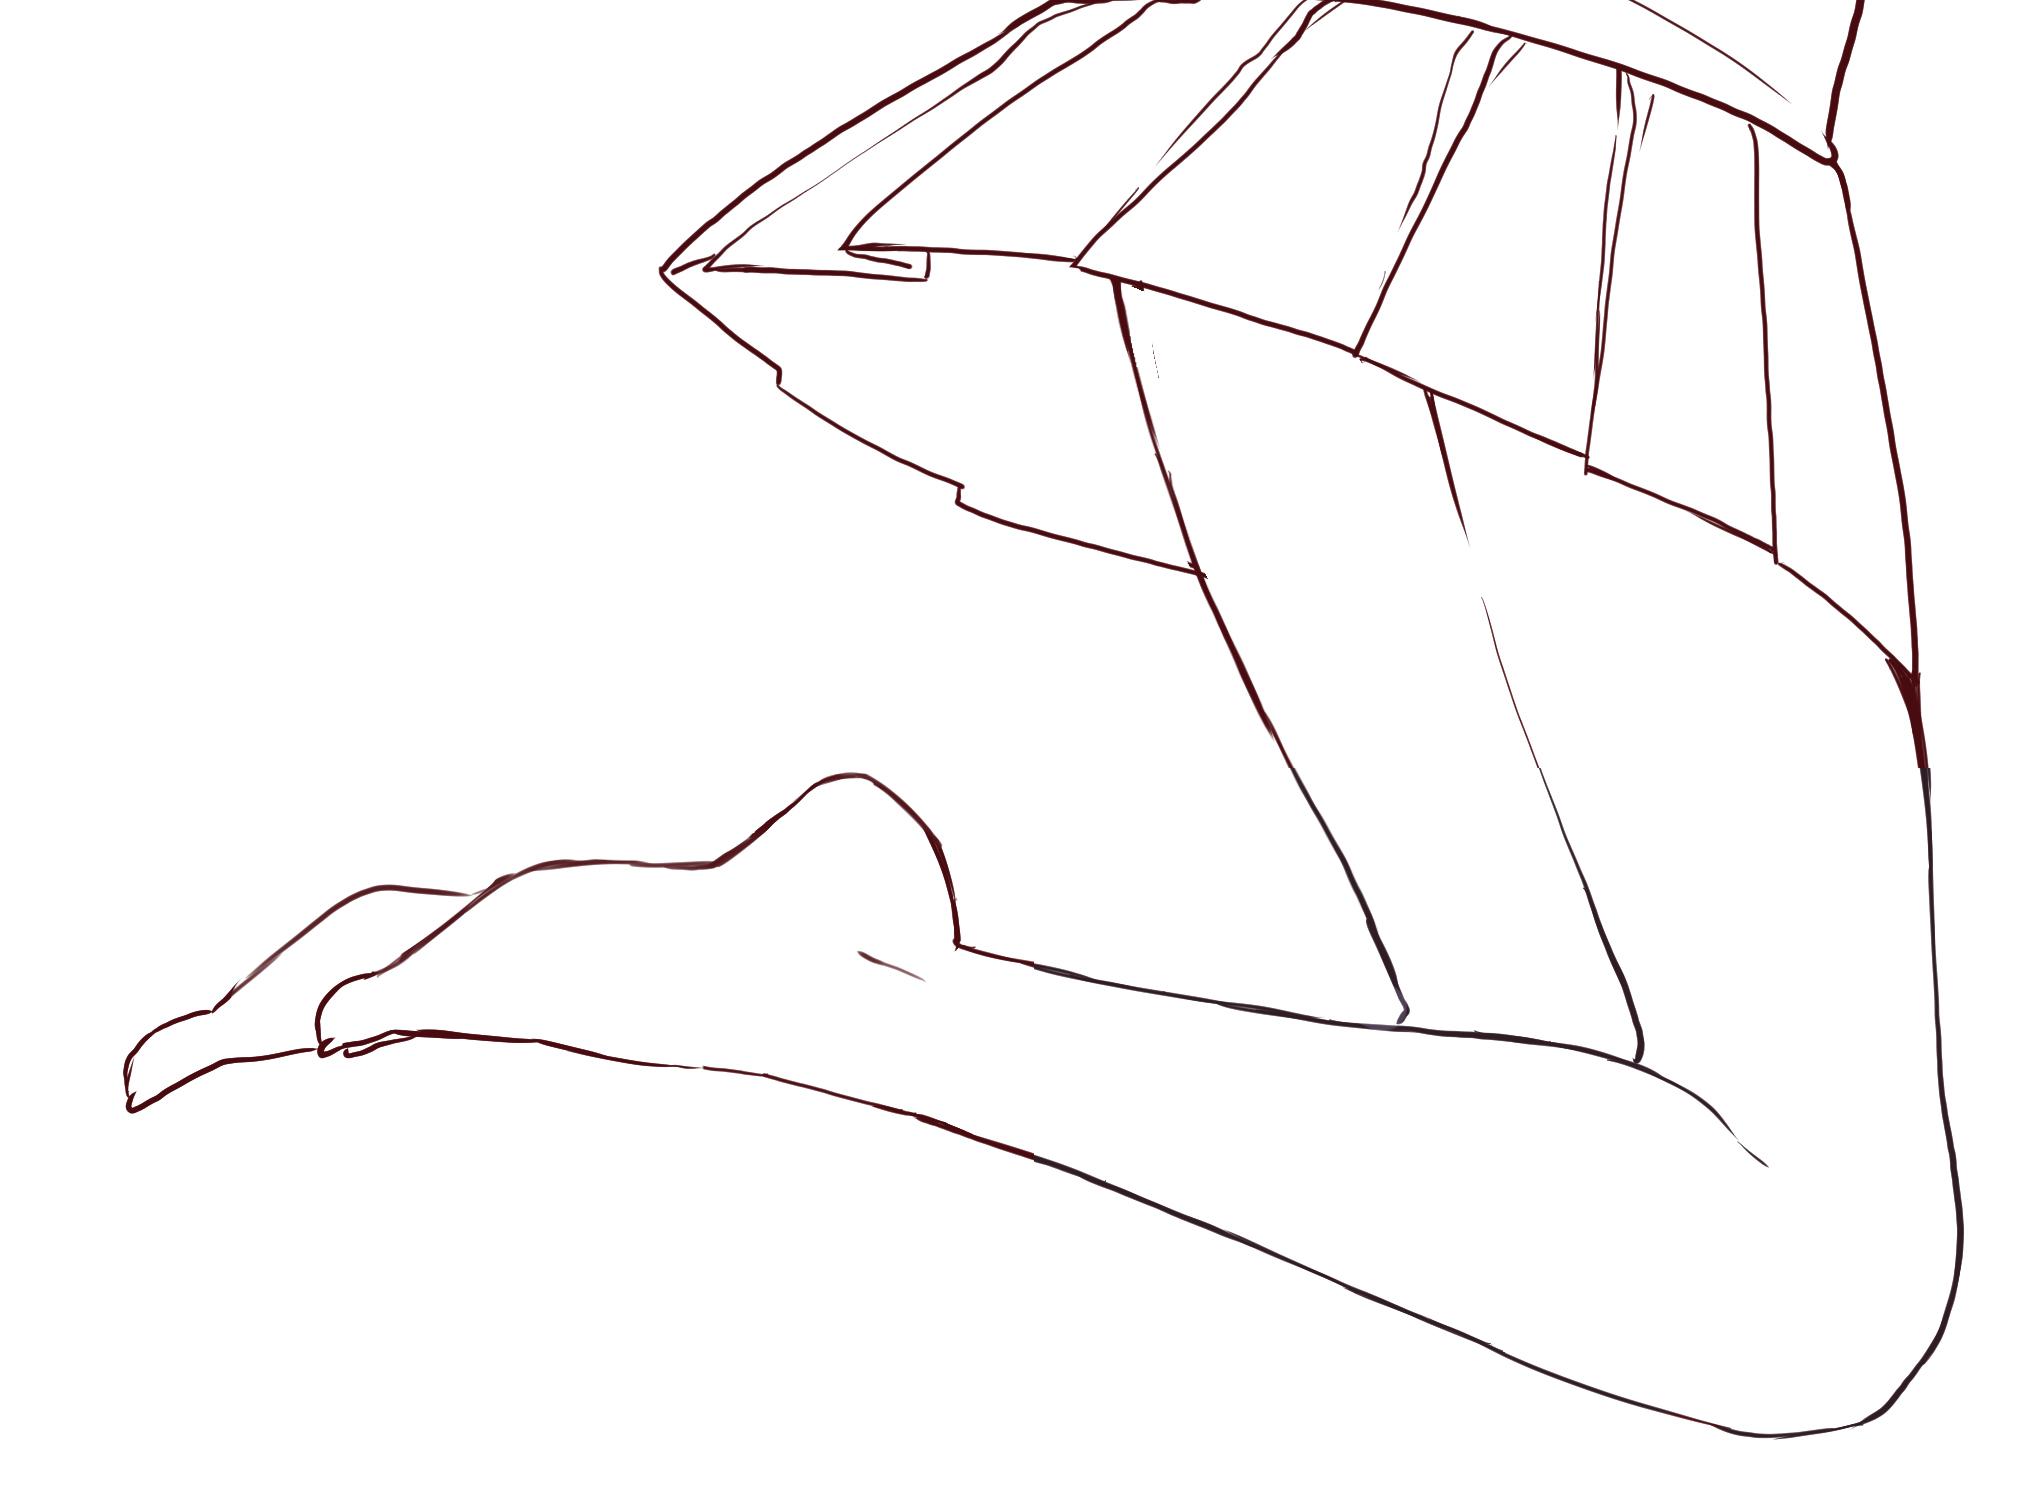 パーツ分けで描ける! 足の描き方講座